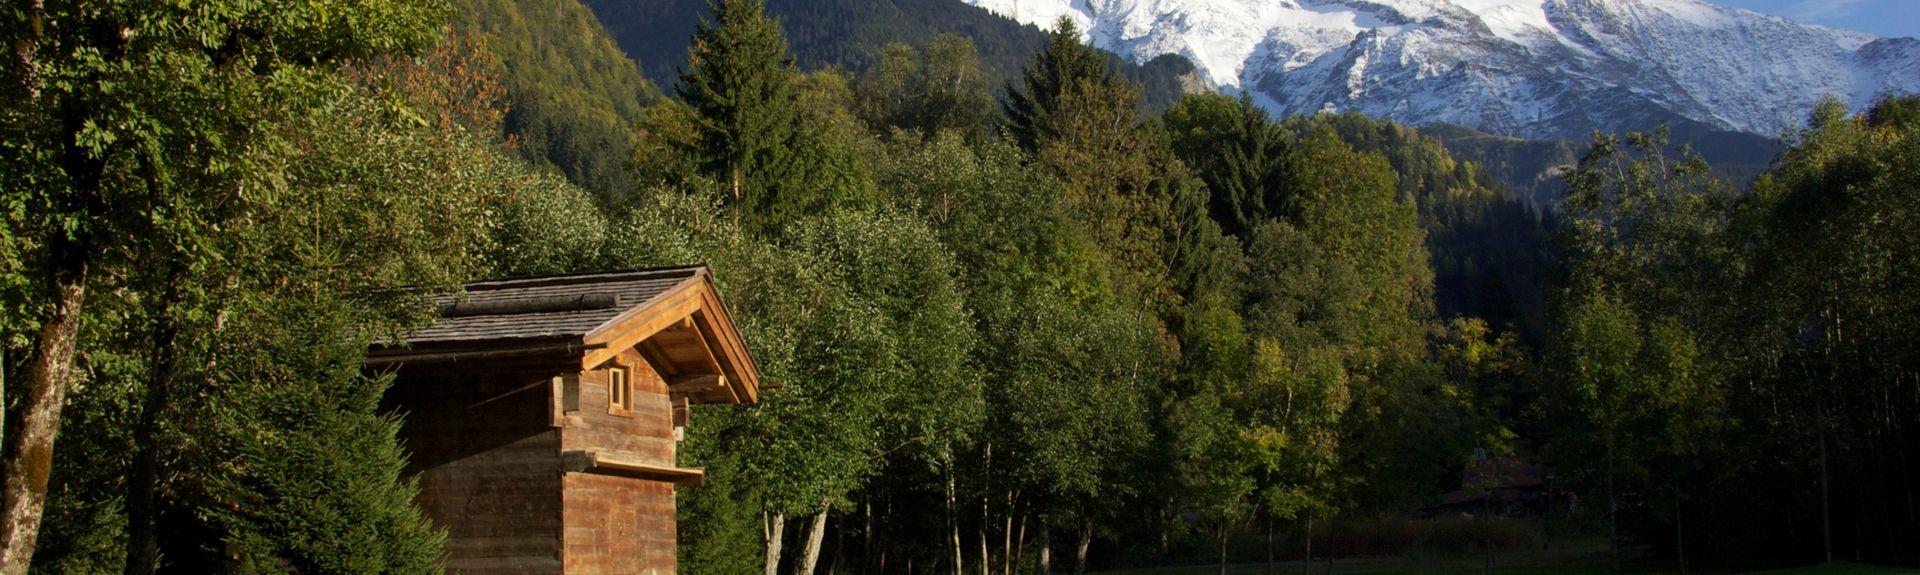 Courmayeur Forum Sport Center, Courmayeur, Valle d'Aosta, Italia